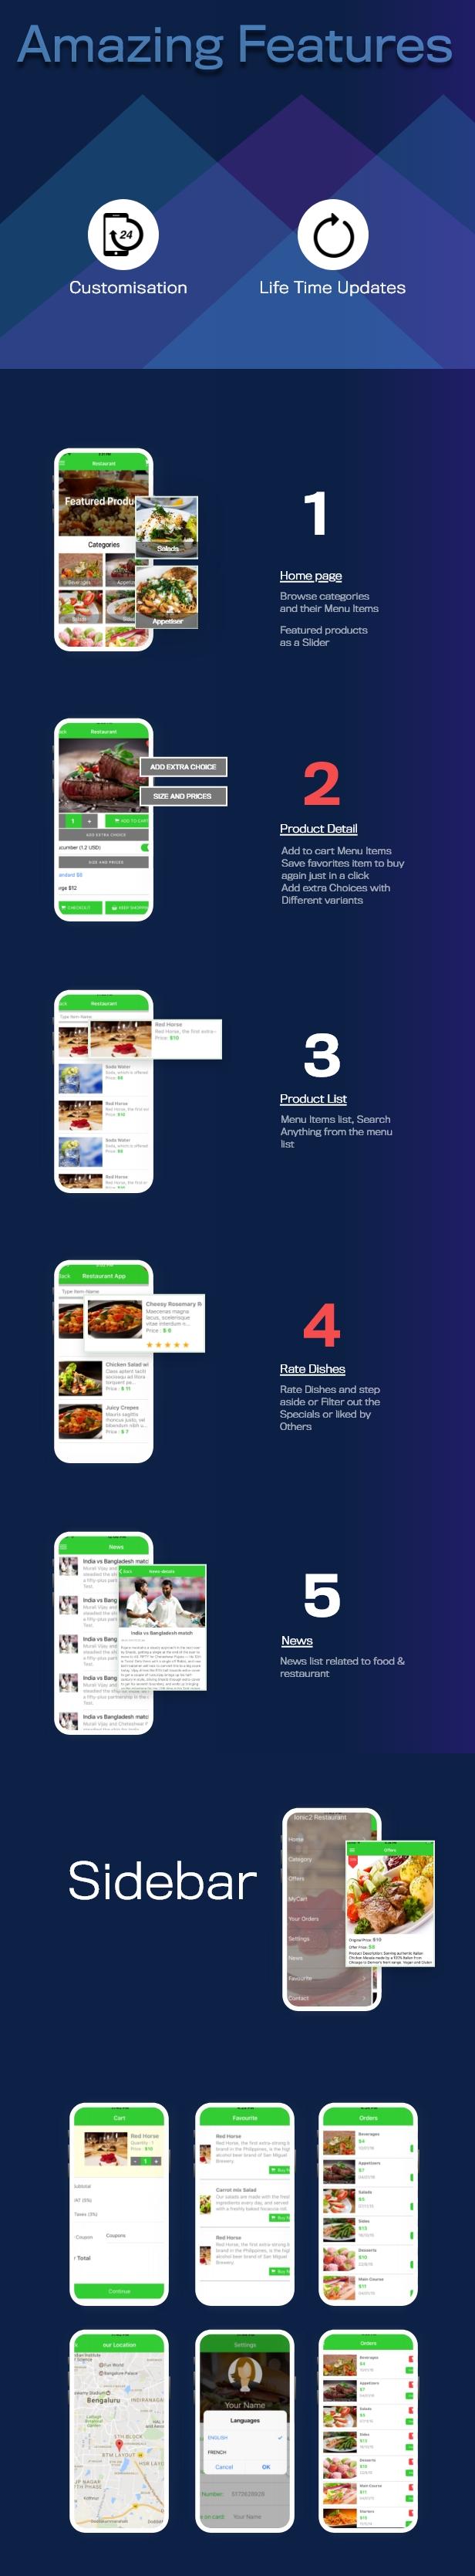 Firebase ile İon 3 Restoran uygulaması - 5